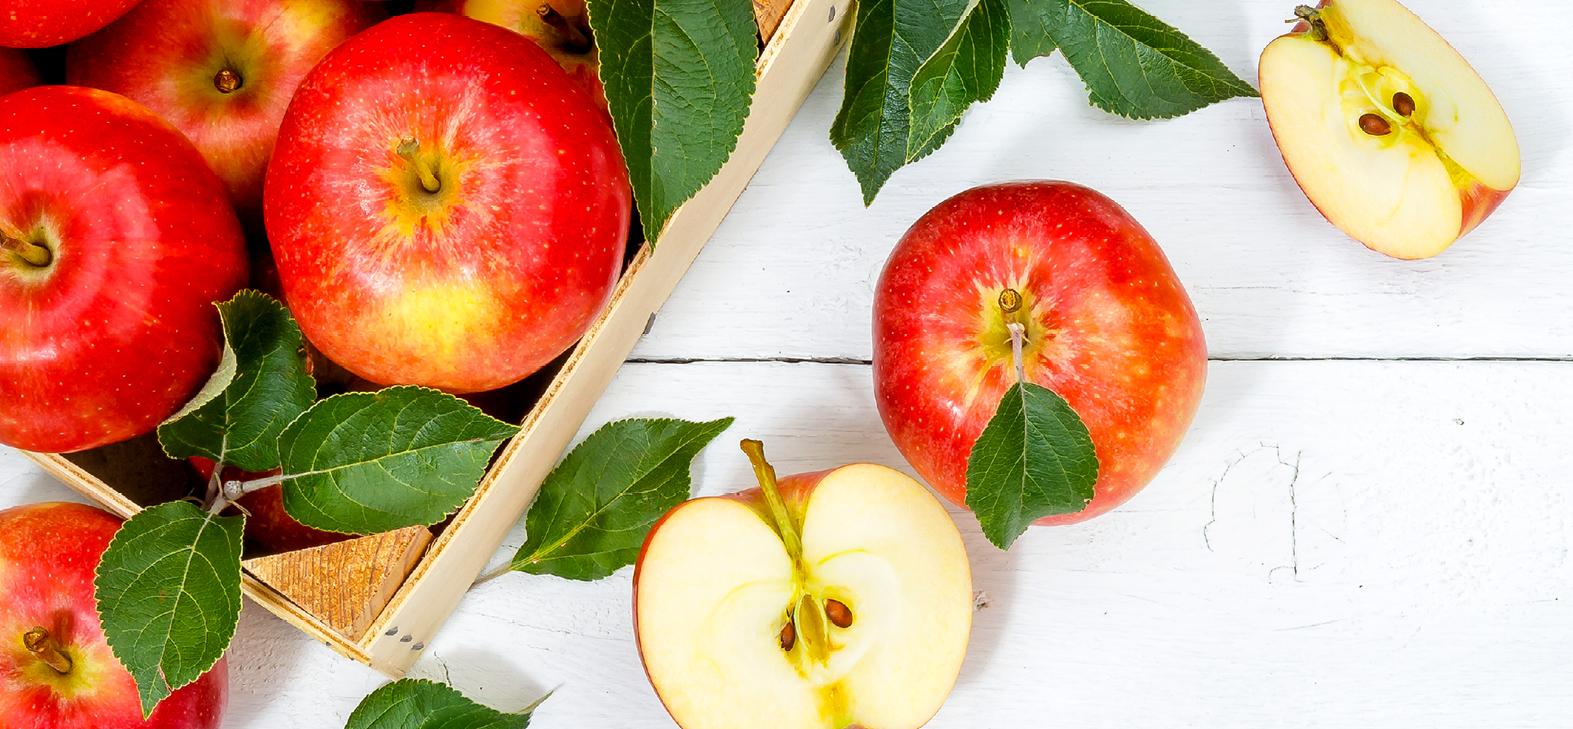 Äpfel statt Personal